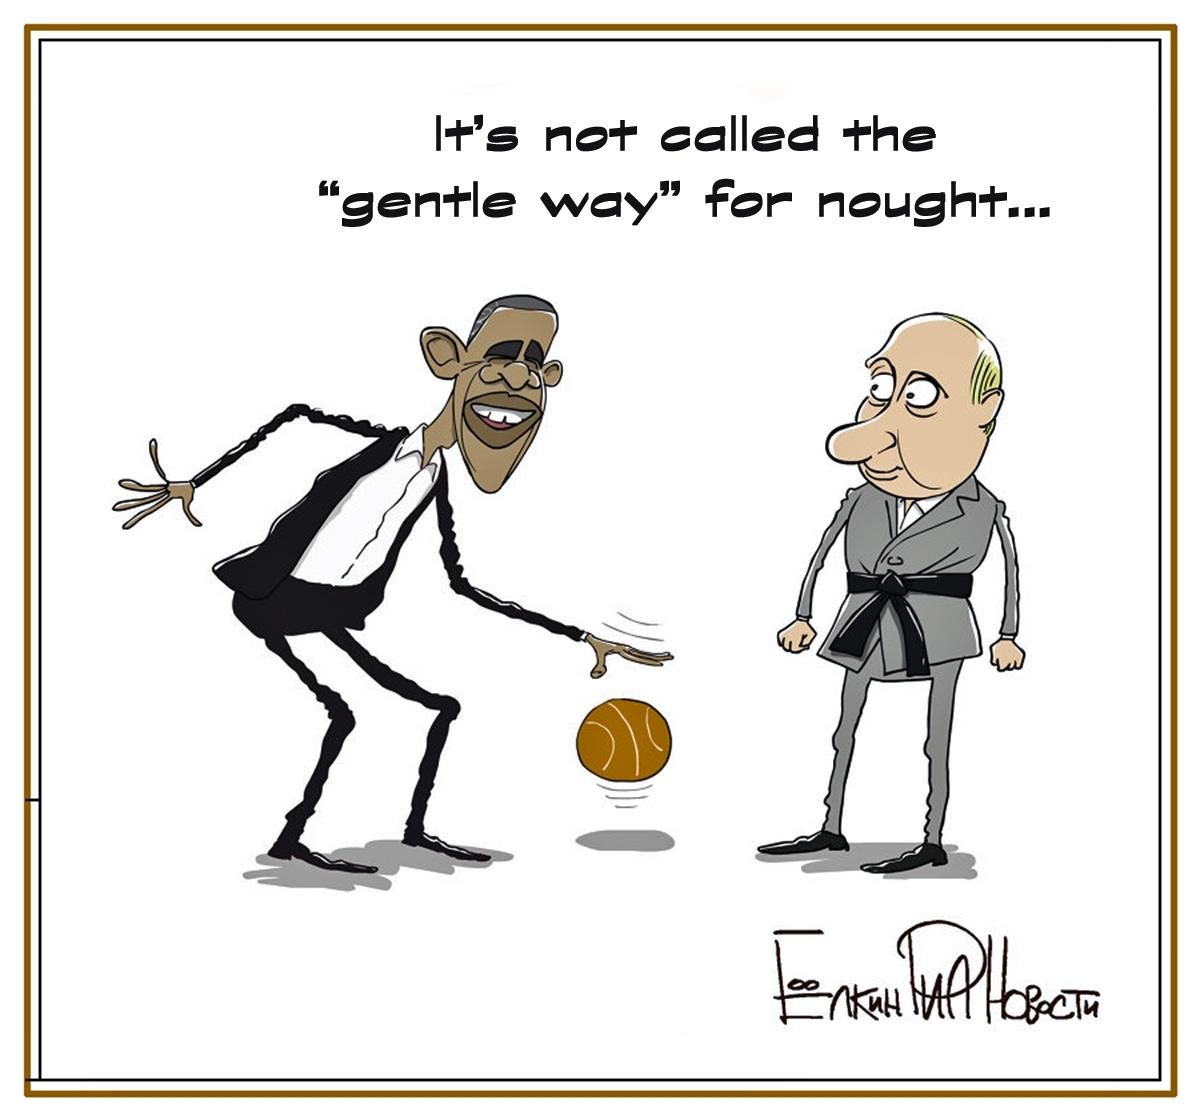 00 Sergei Yolkin. A Little Presidential Weakness. 2013